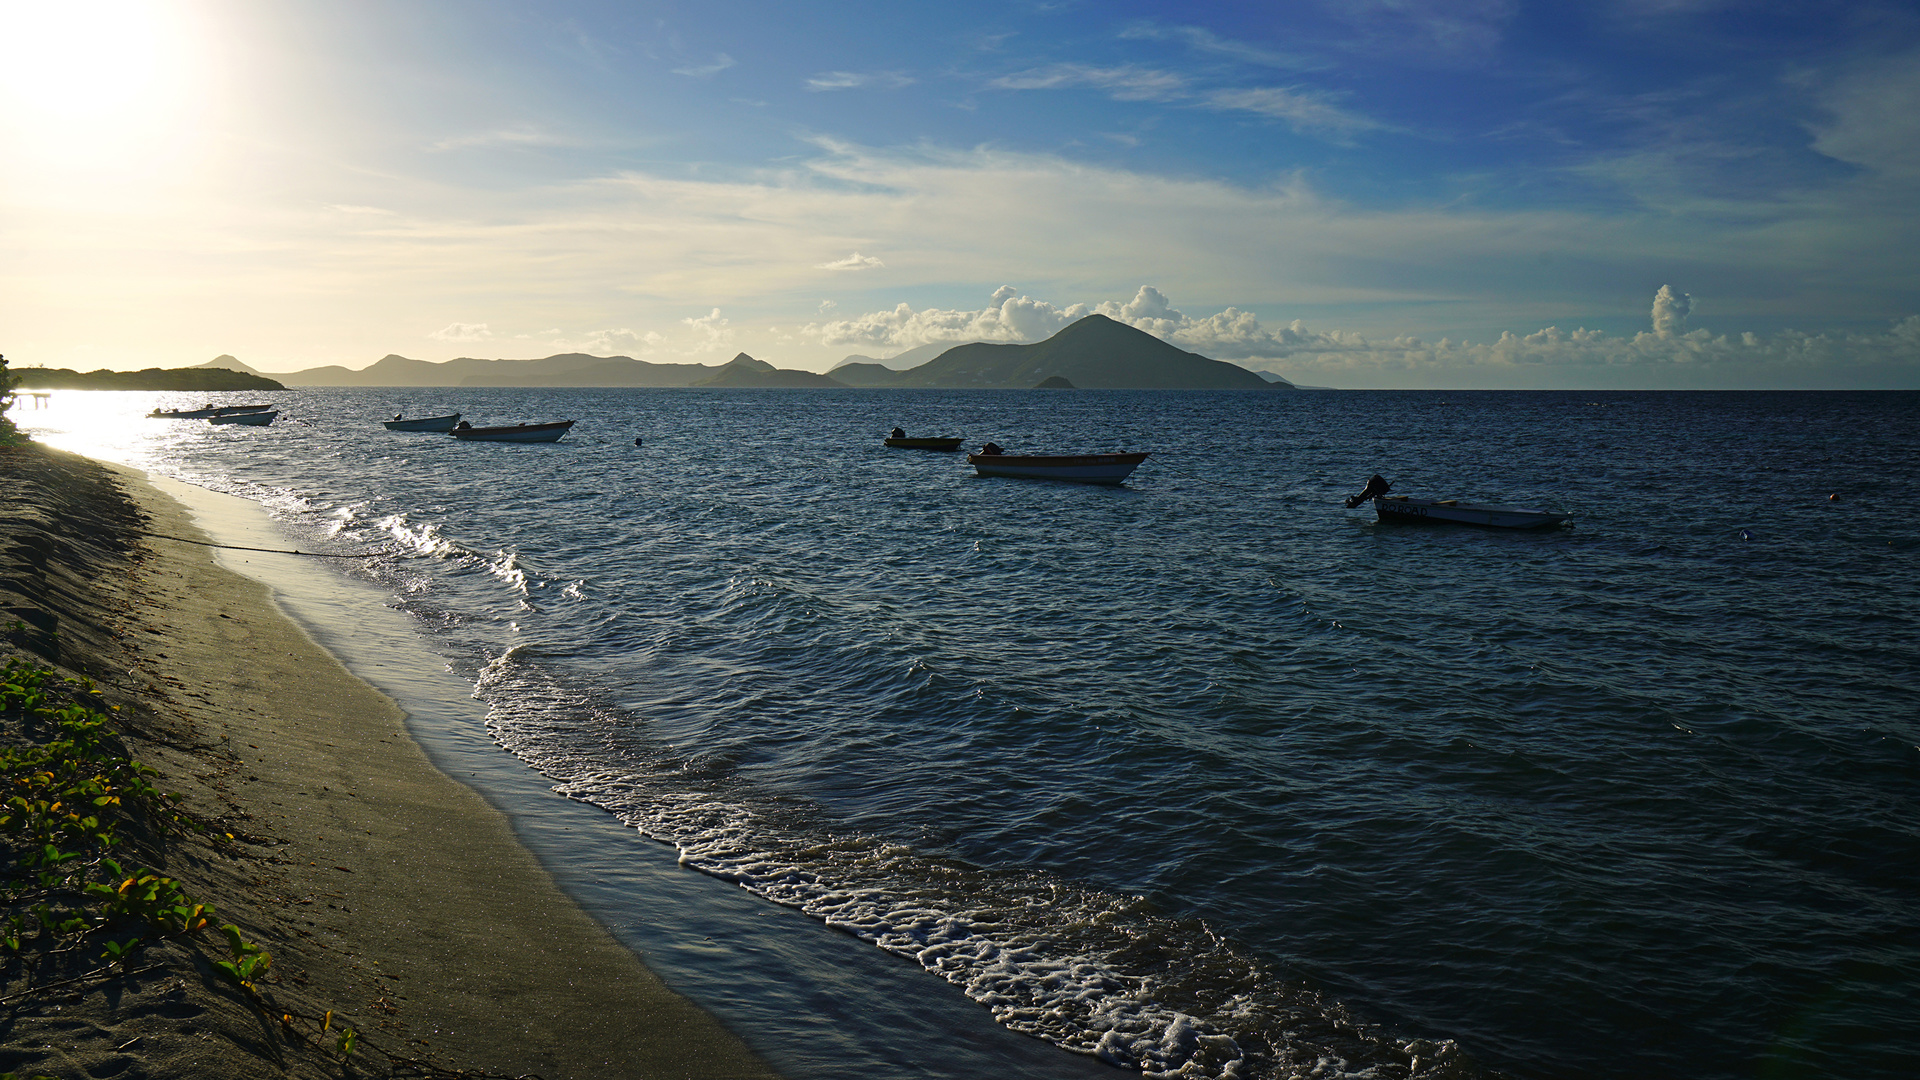 побережье, море, вечер, лодки, newcastle bay, nevis, природа